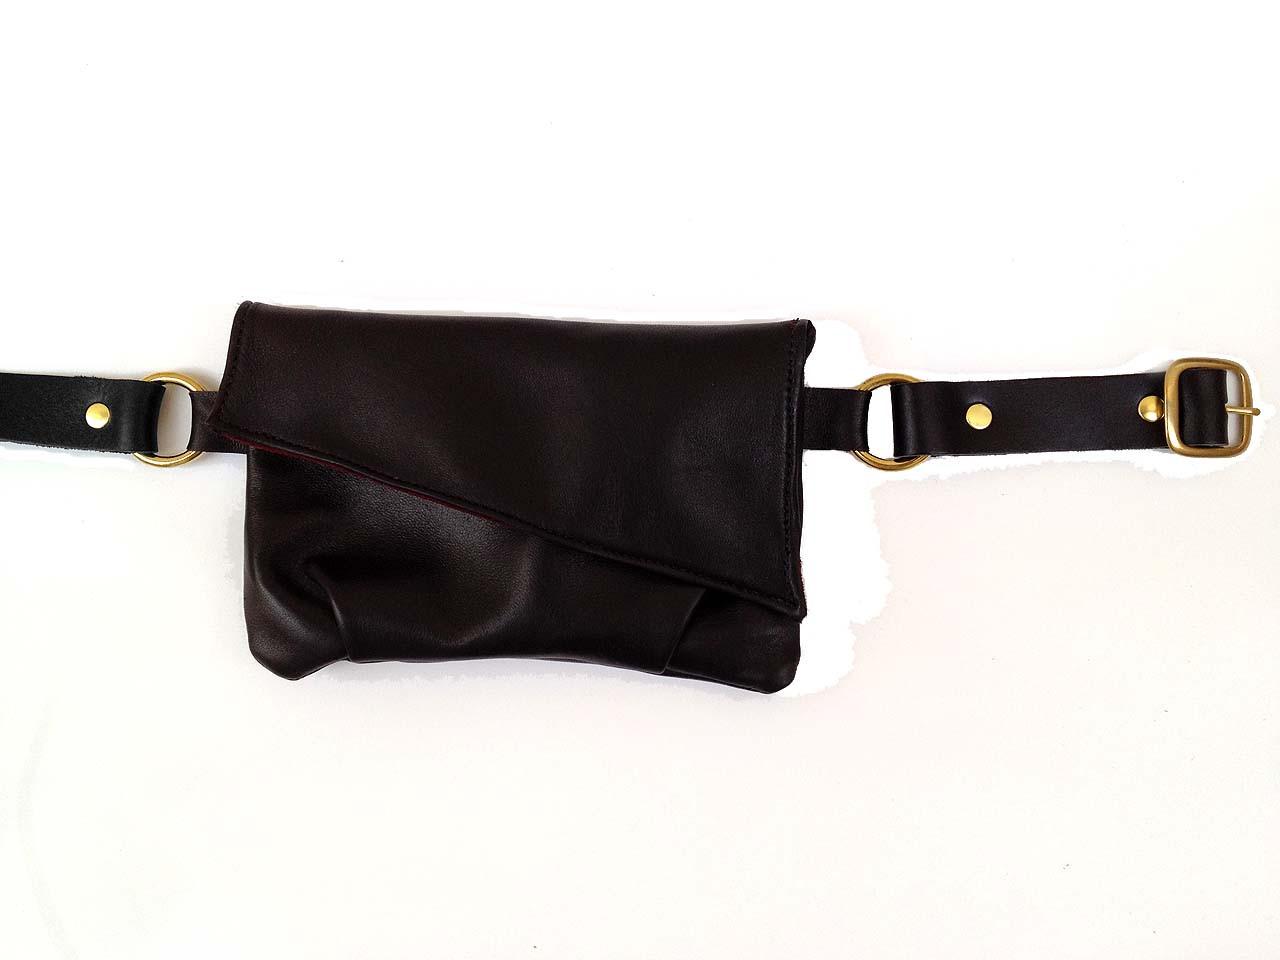 27a713e8889 Jet Black Leather Belt Bag - Limited Edition